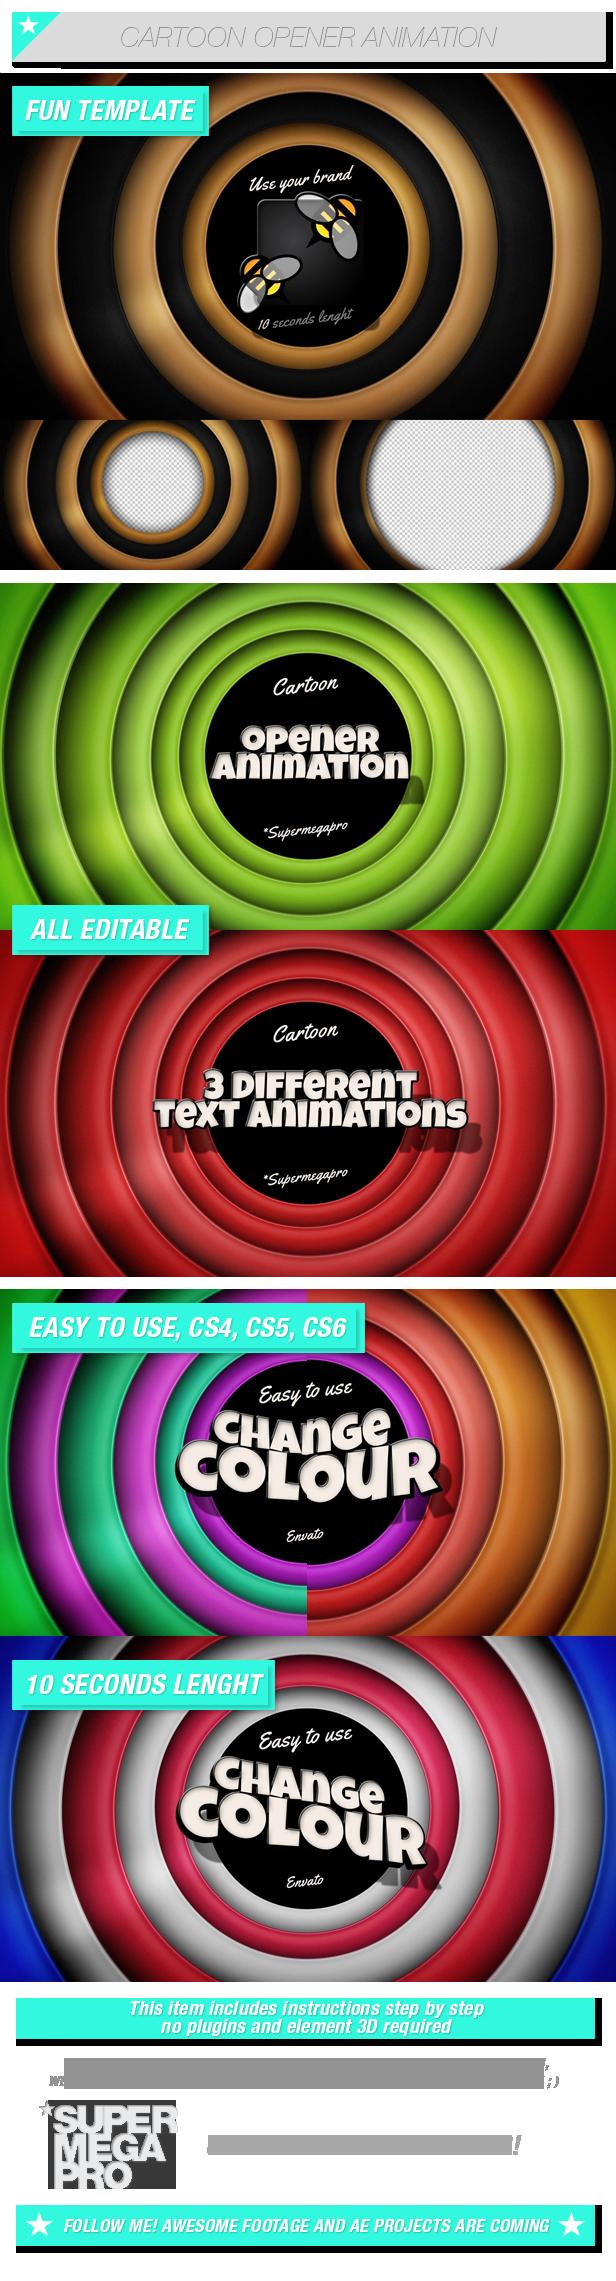 descripcion-cartoon-opener-animation